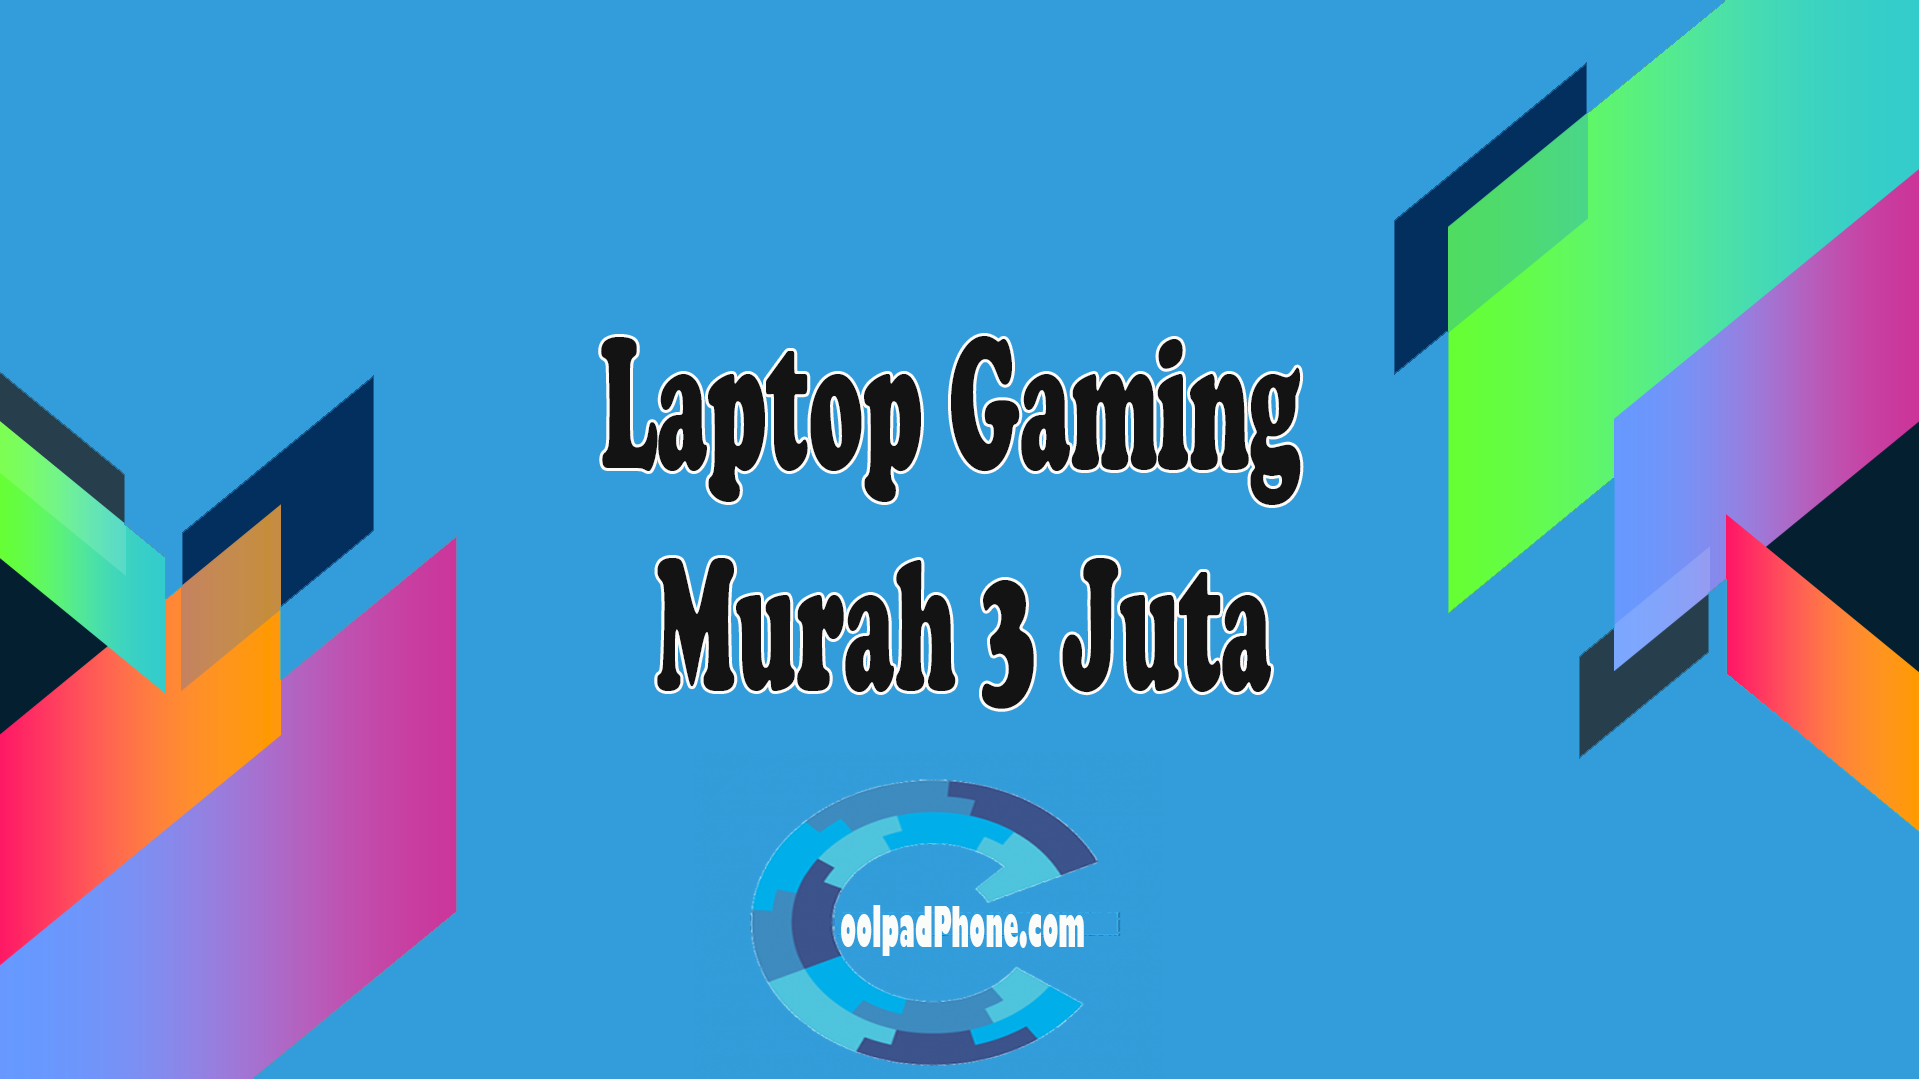 Laptop-Gaming-Murah-3-Juta